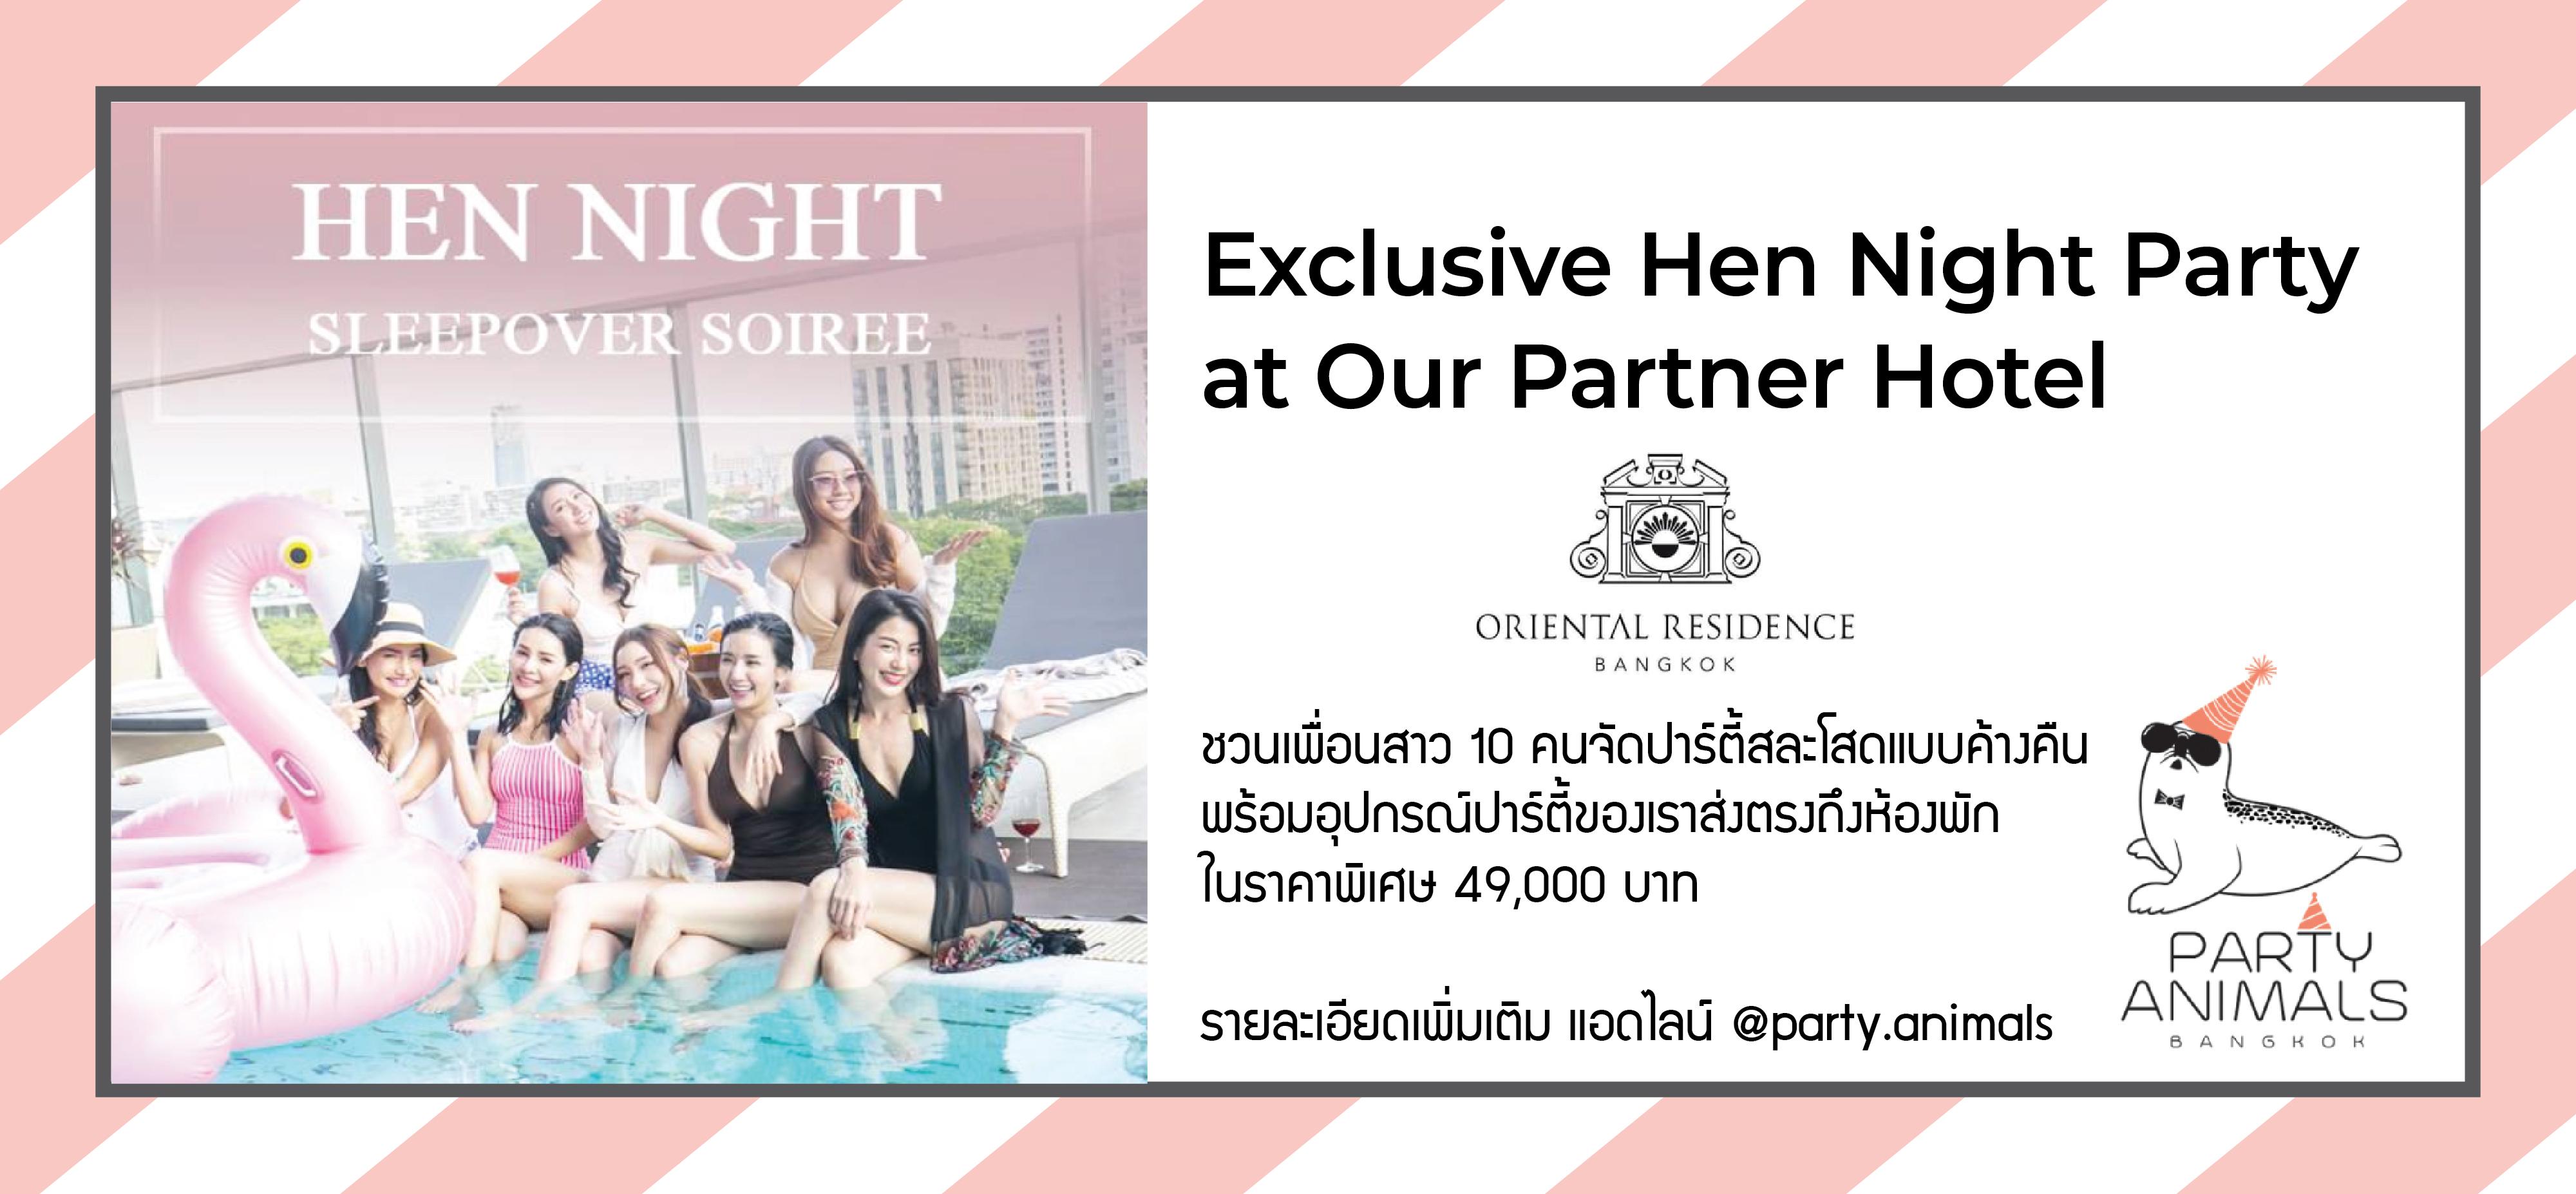 Hen Night at Oriental Residence Bangkok